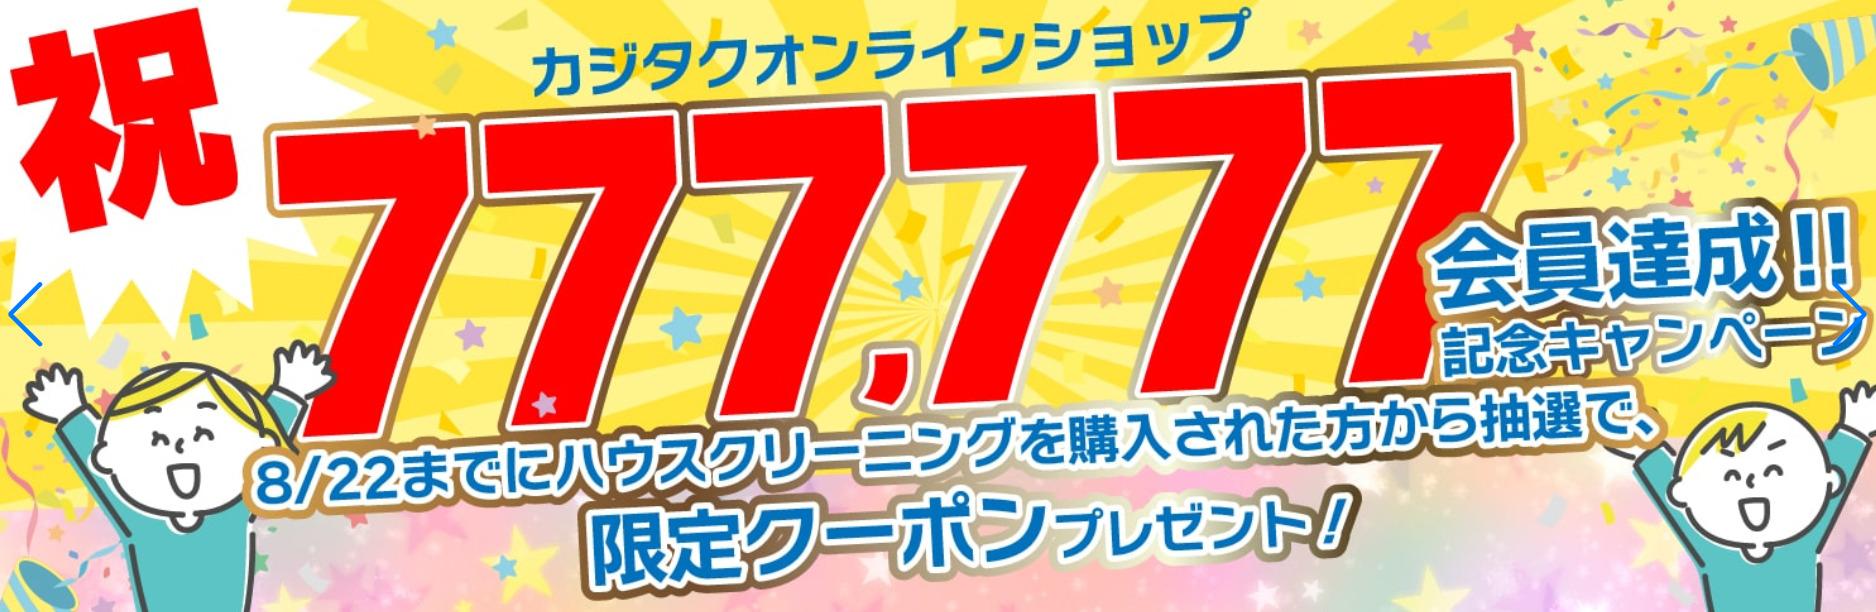 カジタクオンラインショップ777,777会員達成記念キャンペーン